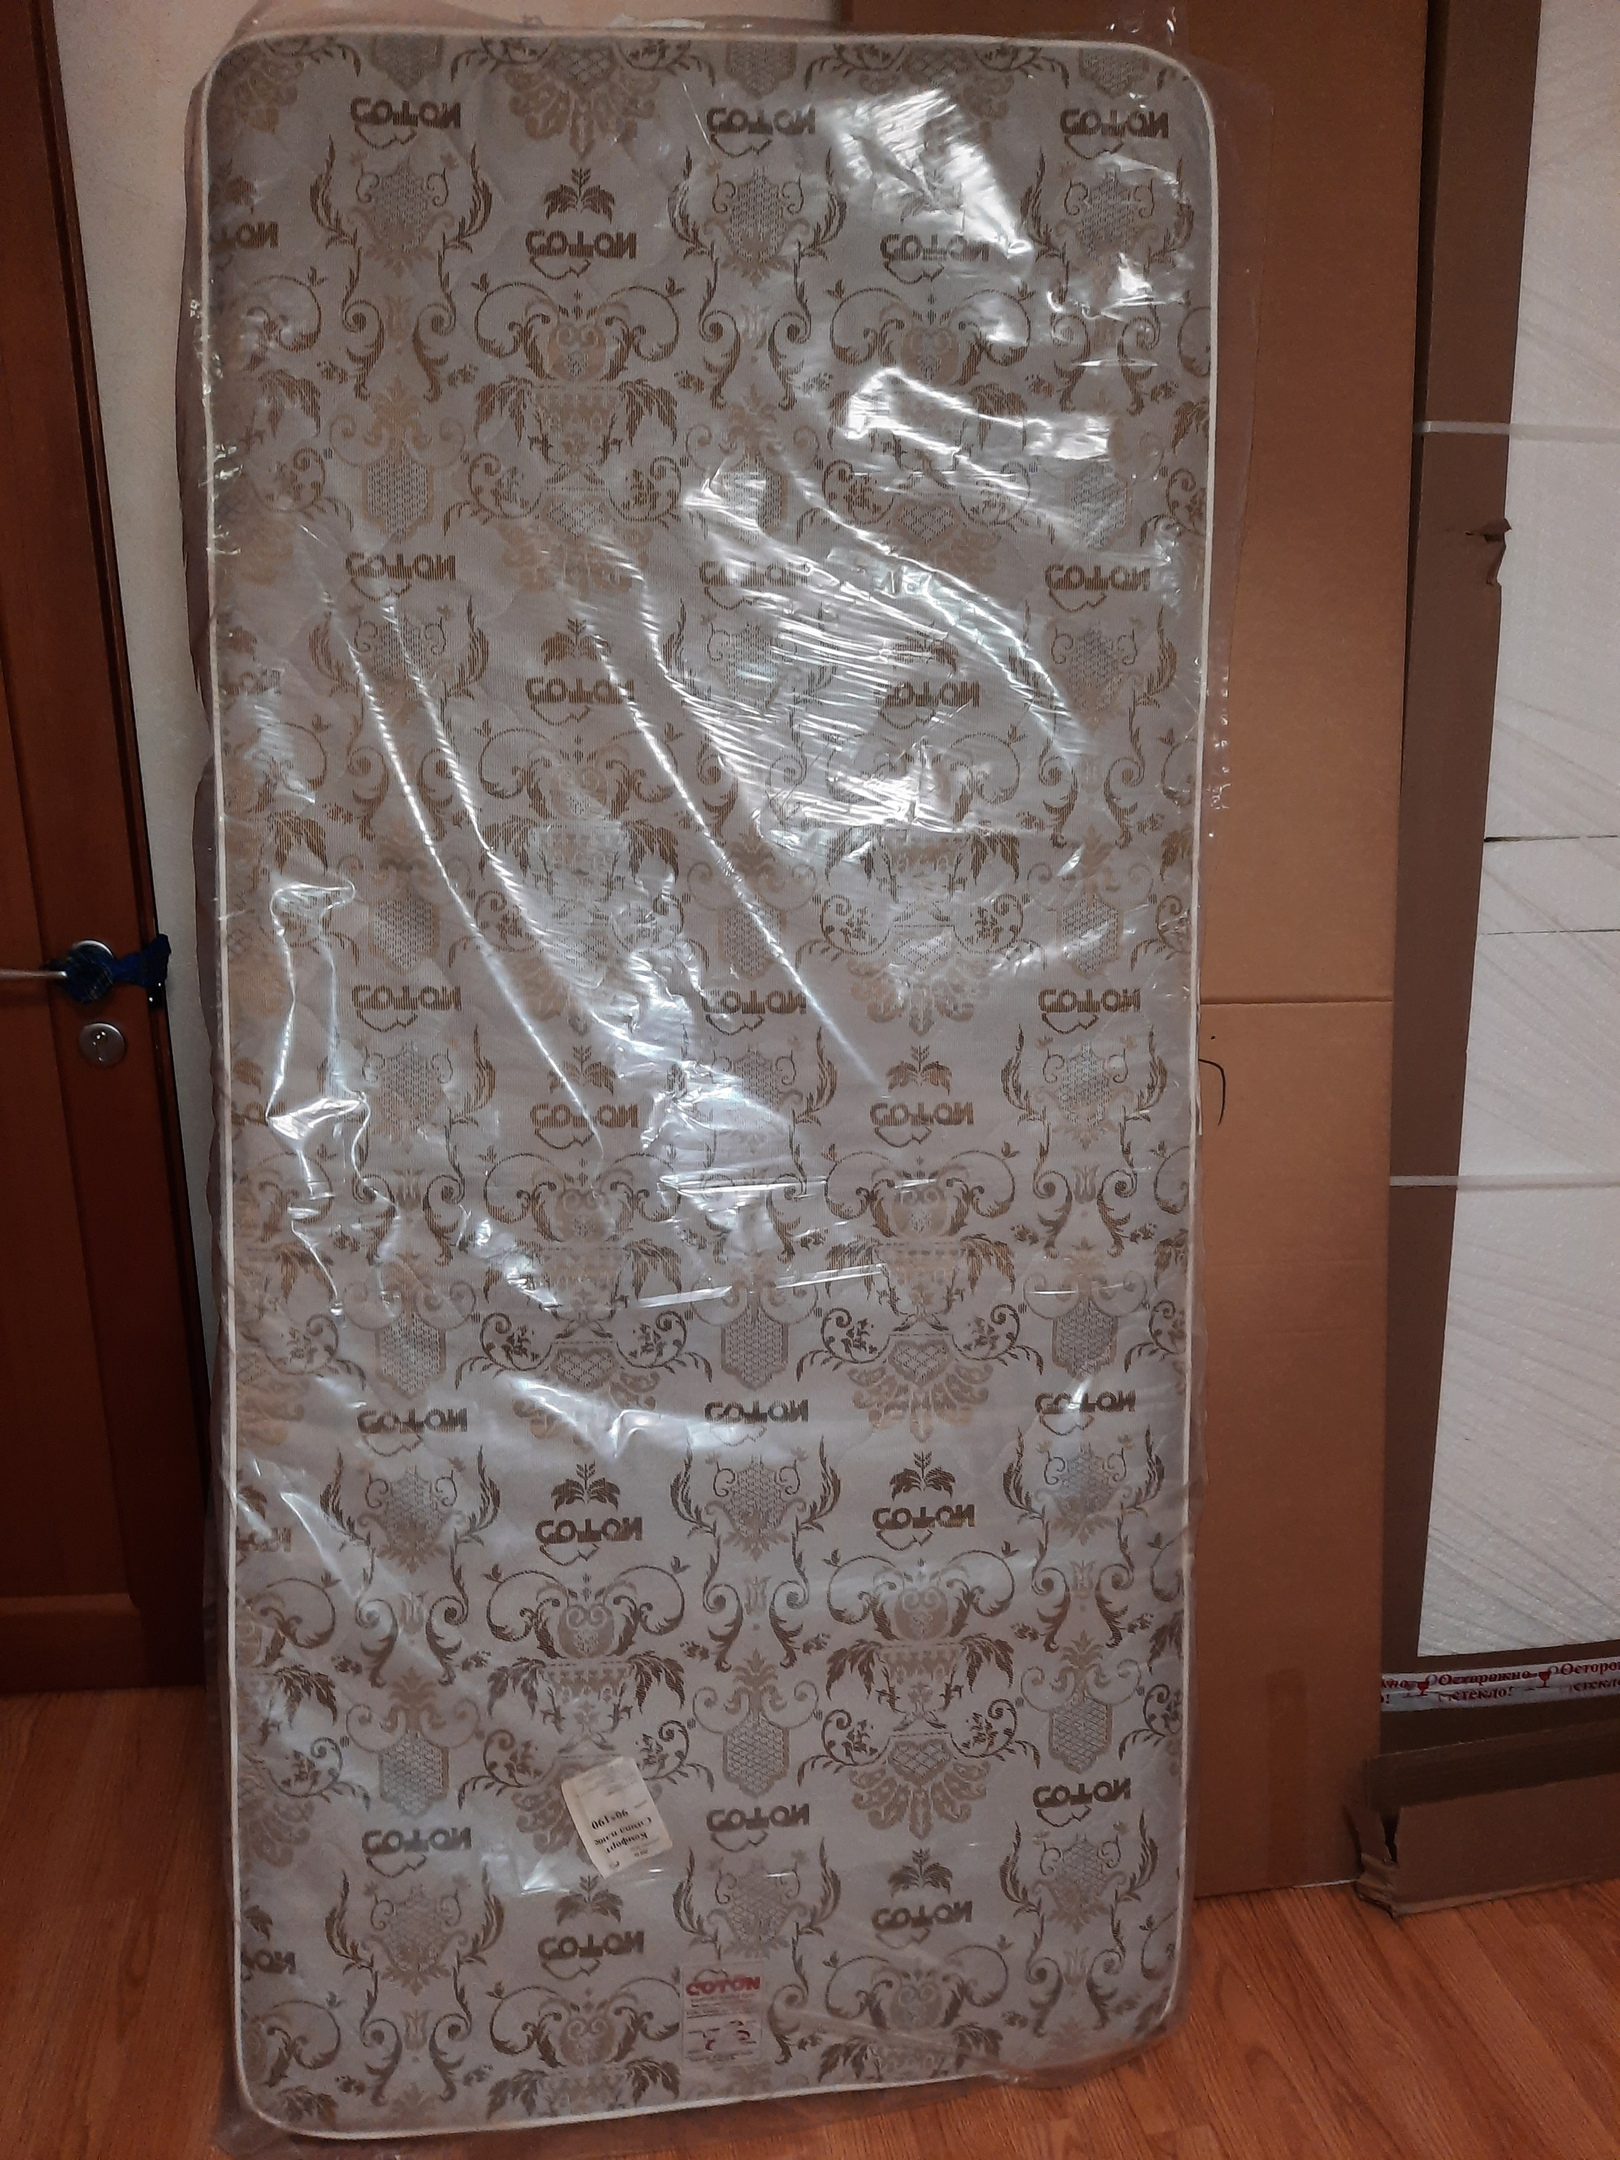 Матрас 90×190, чистый, не продавленый, не обписаный)) спал взрослый ребенок.